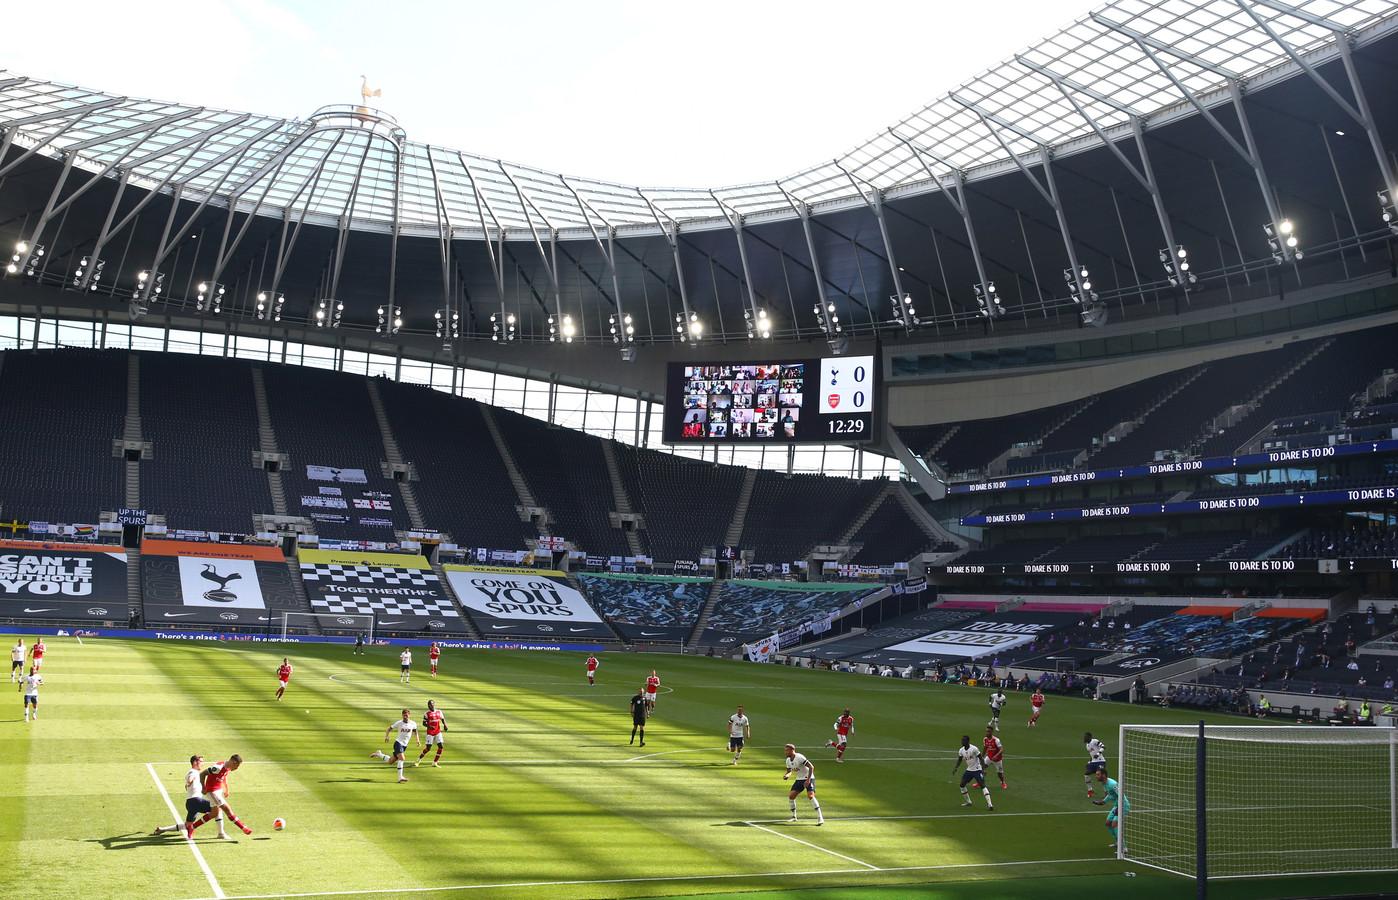 Eerder deze maand: Tottenham Hotspur - Arsenal voor lege tribunes.